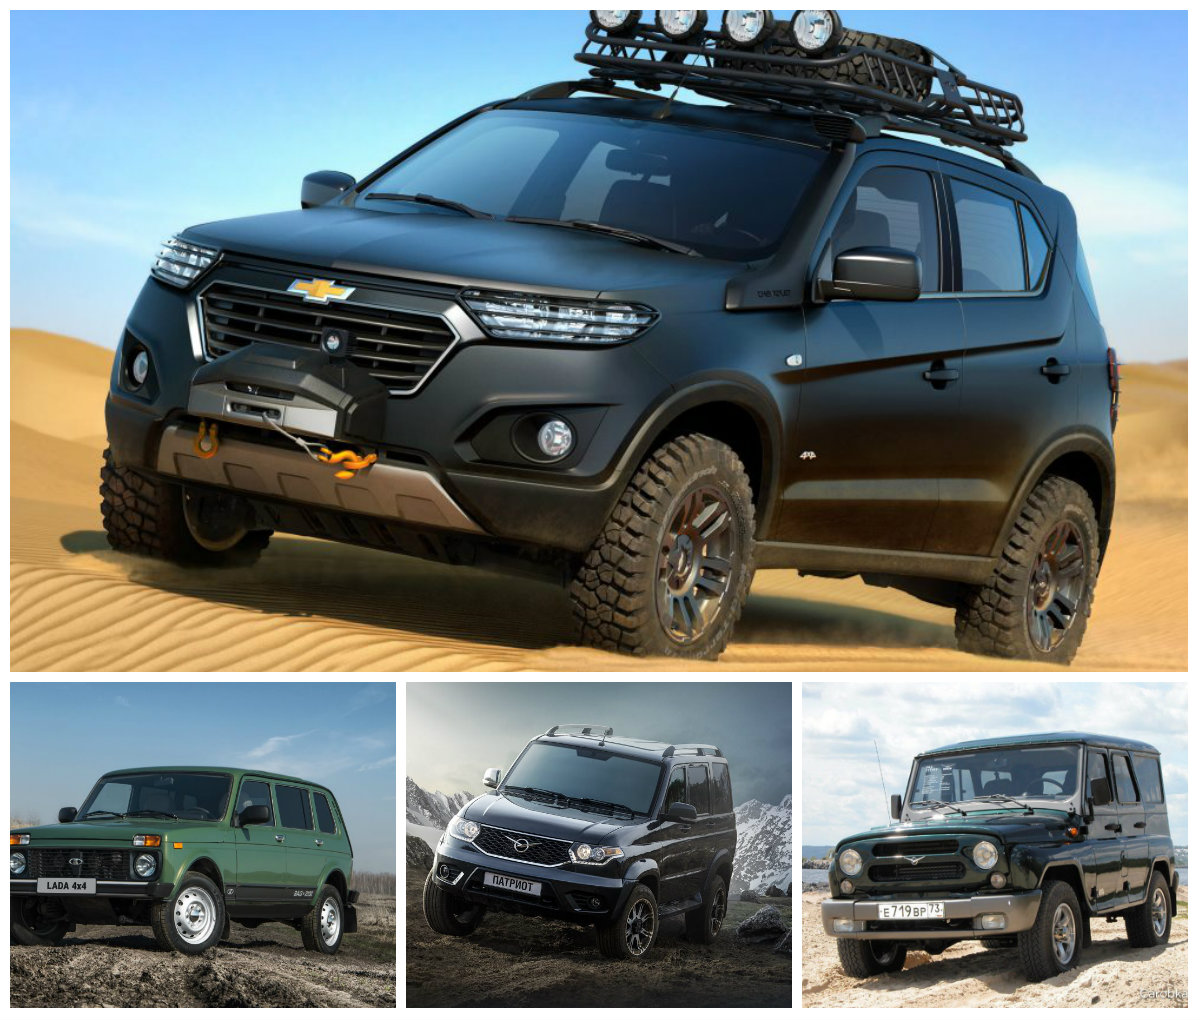 Bewertung von neue SUV zum Preis von bis zu 1,2 Millionen Euro | HotNews